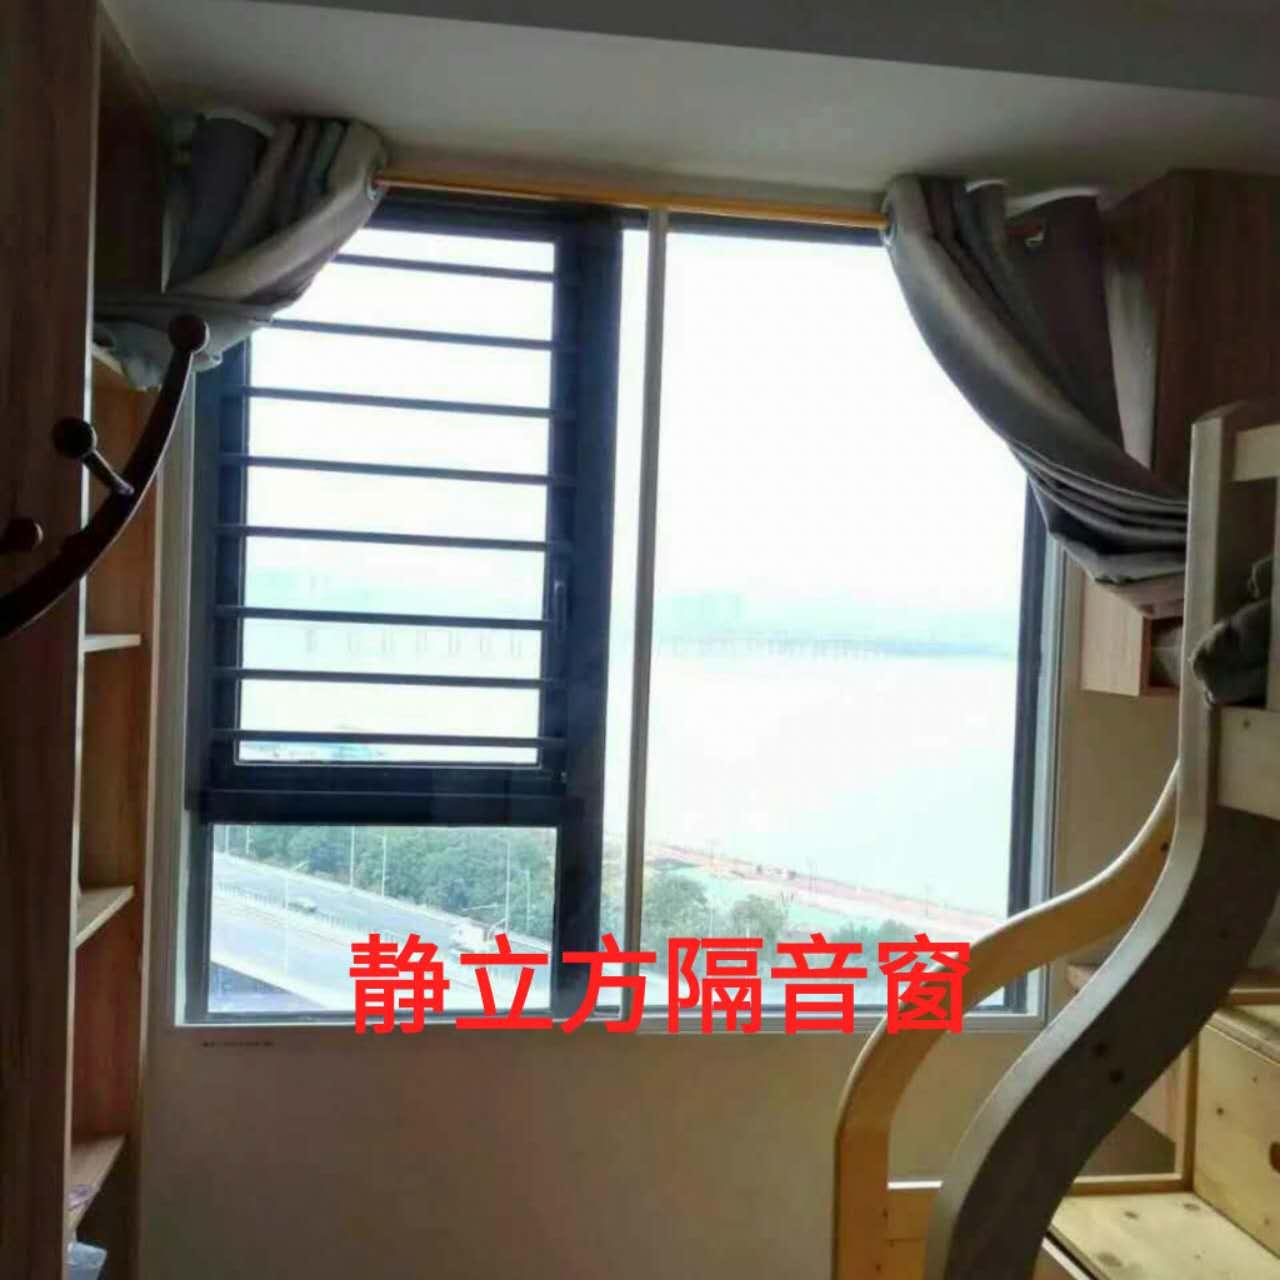 湖南静立方隔音窗隔绝工业噪声案例-- 长沙静立方隔音窗有限公司